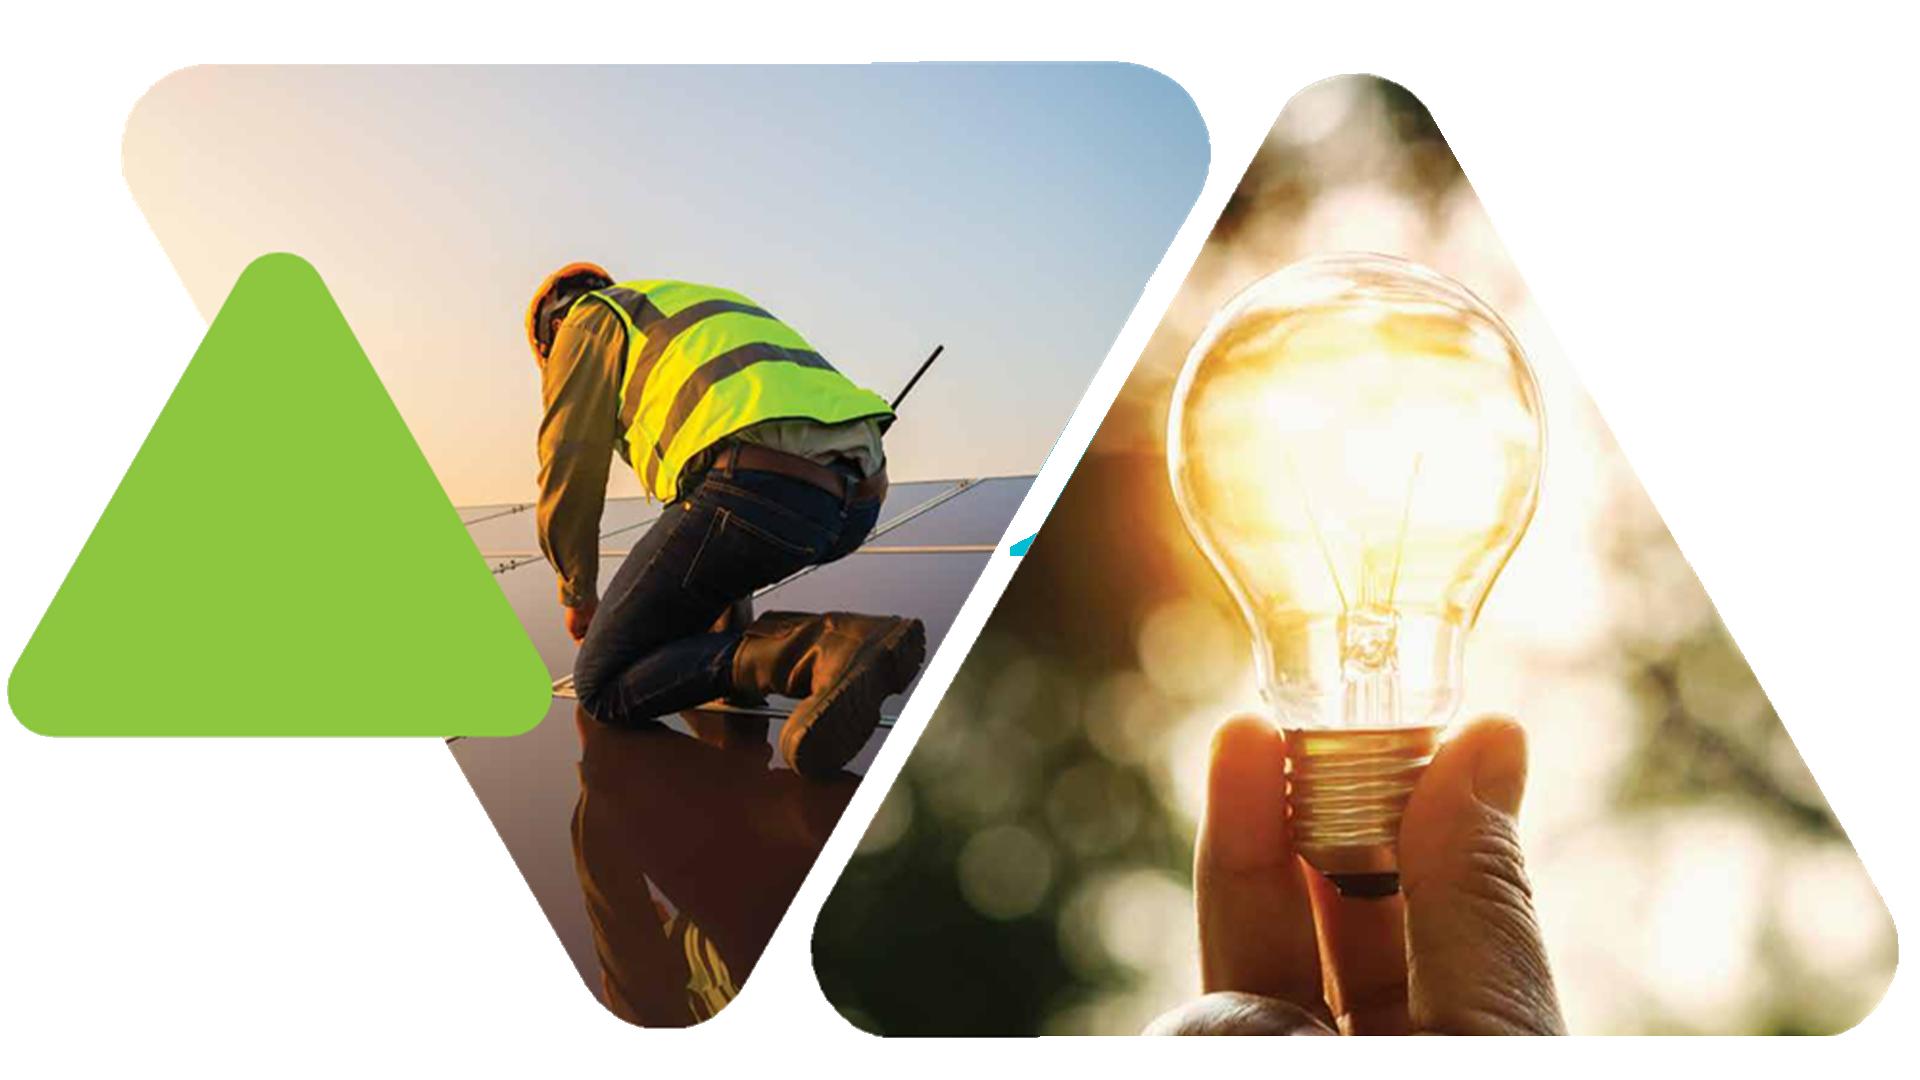 Morais de castro investe em sistema de energia solar e aposta na sustentabilidade